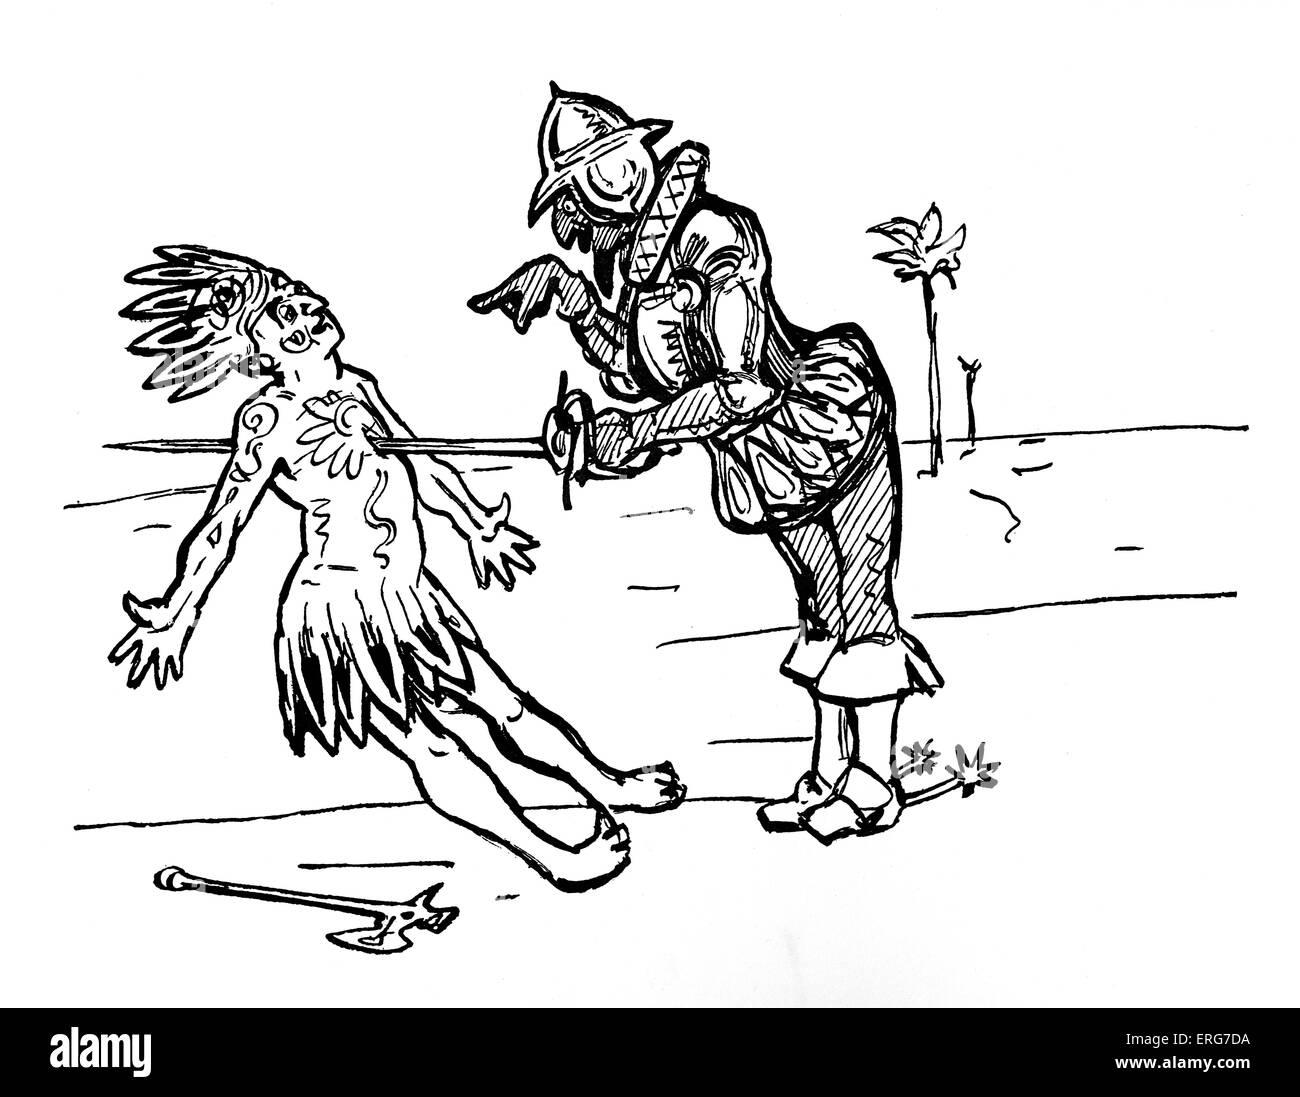 76 Gambar Alam Karikatur Paling Bagus